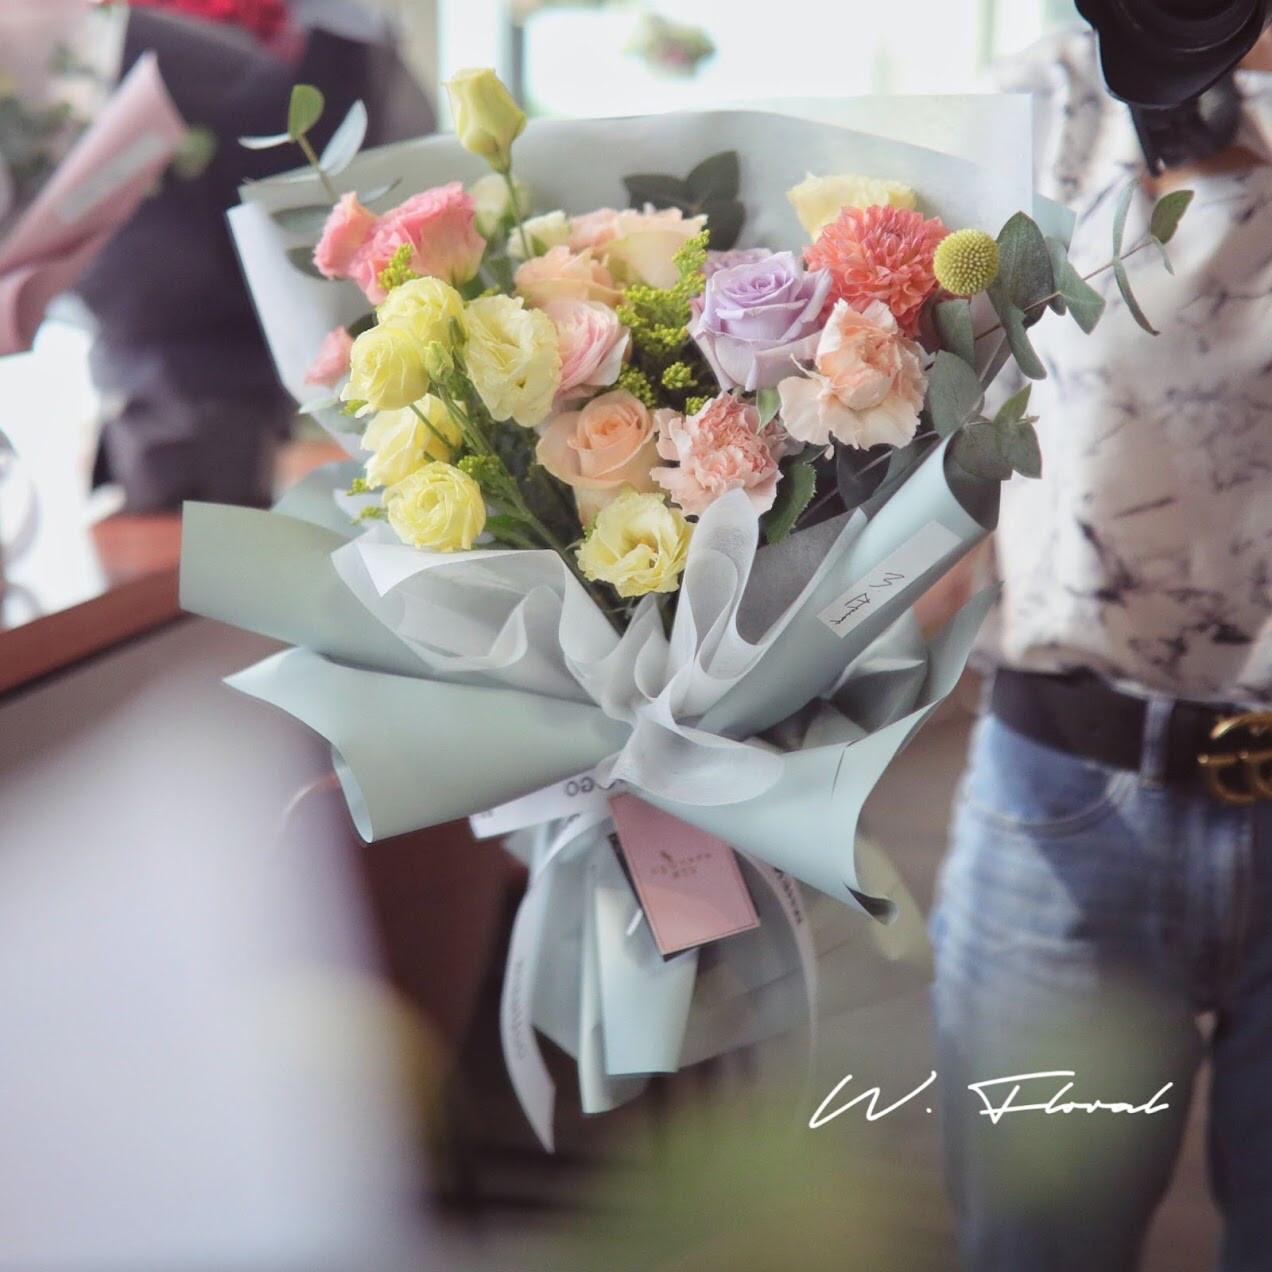 Medium W Signature Bouquet